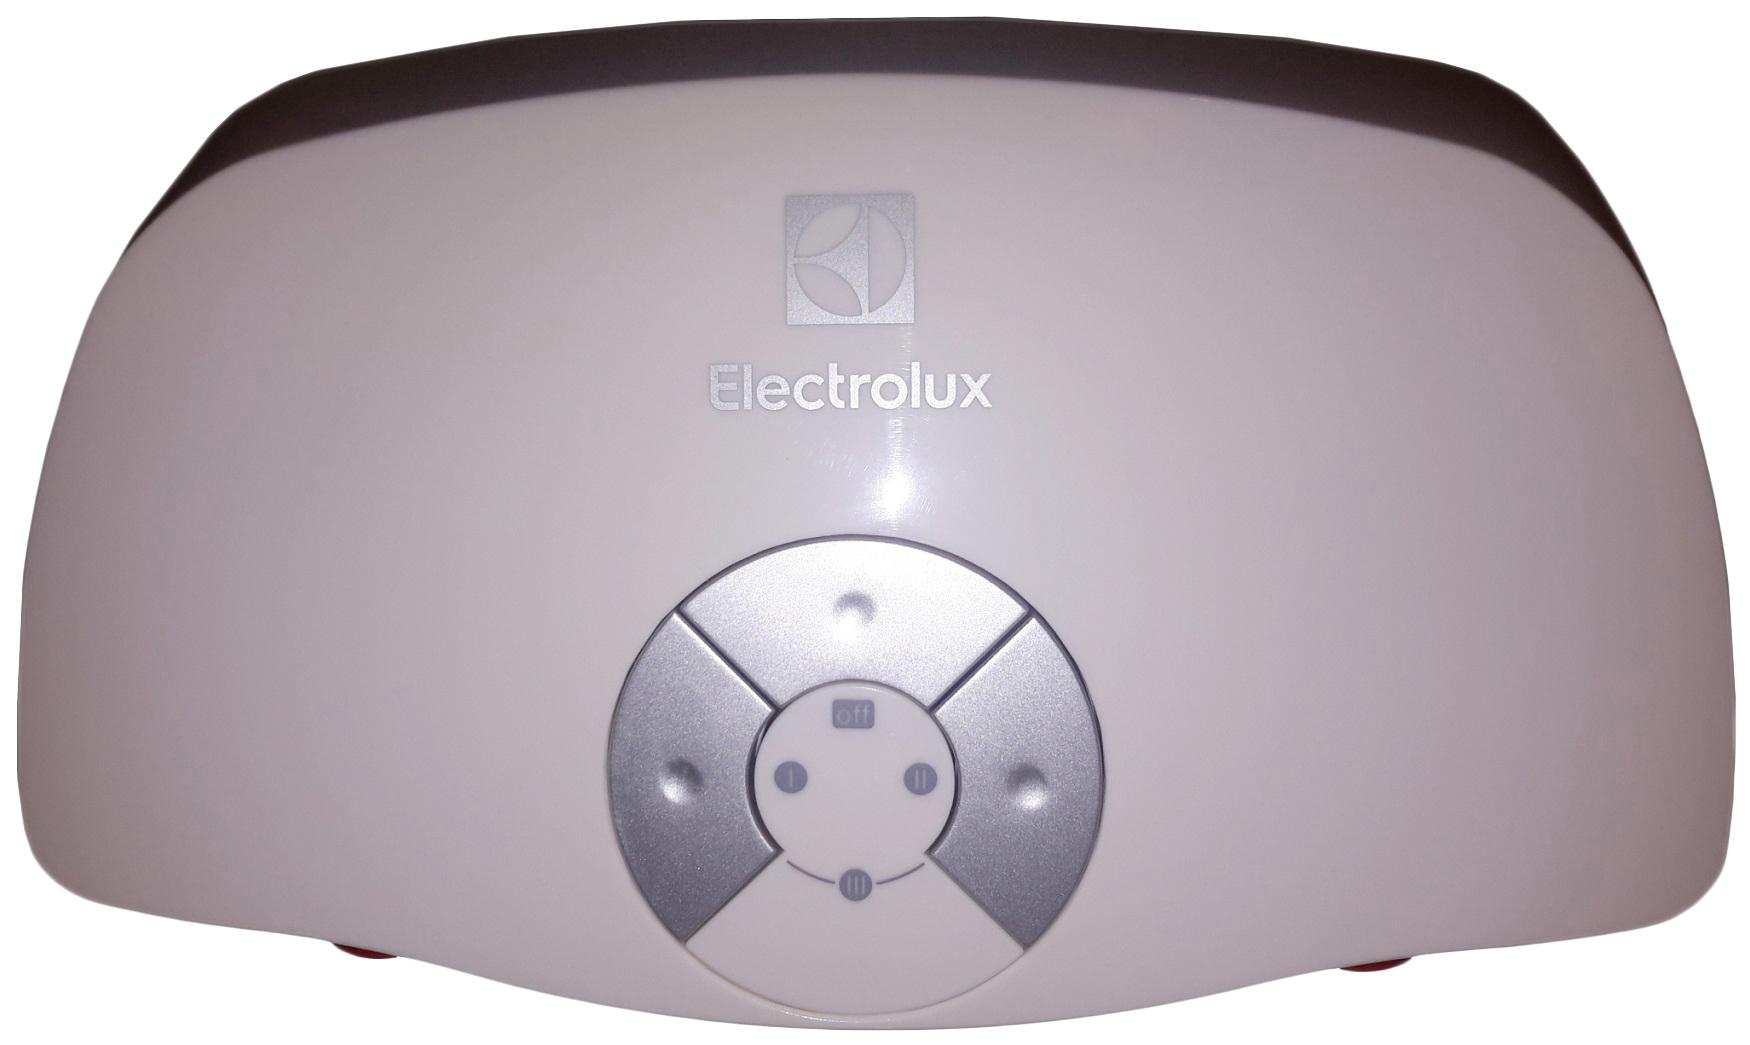 Водонагреватель проточный Electrolux 2.0 T Smartfix 2.0 (кран) white фото